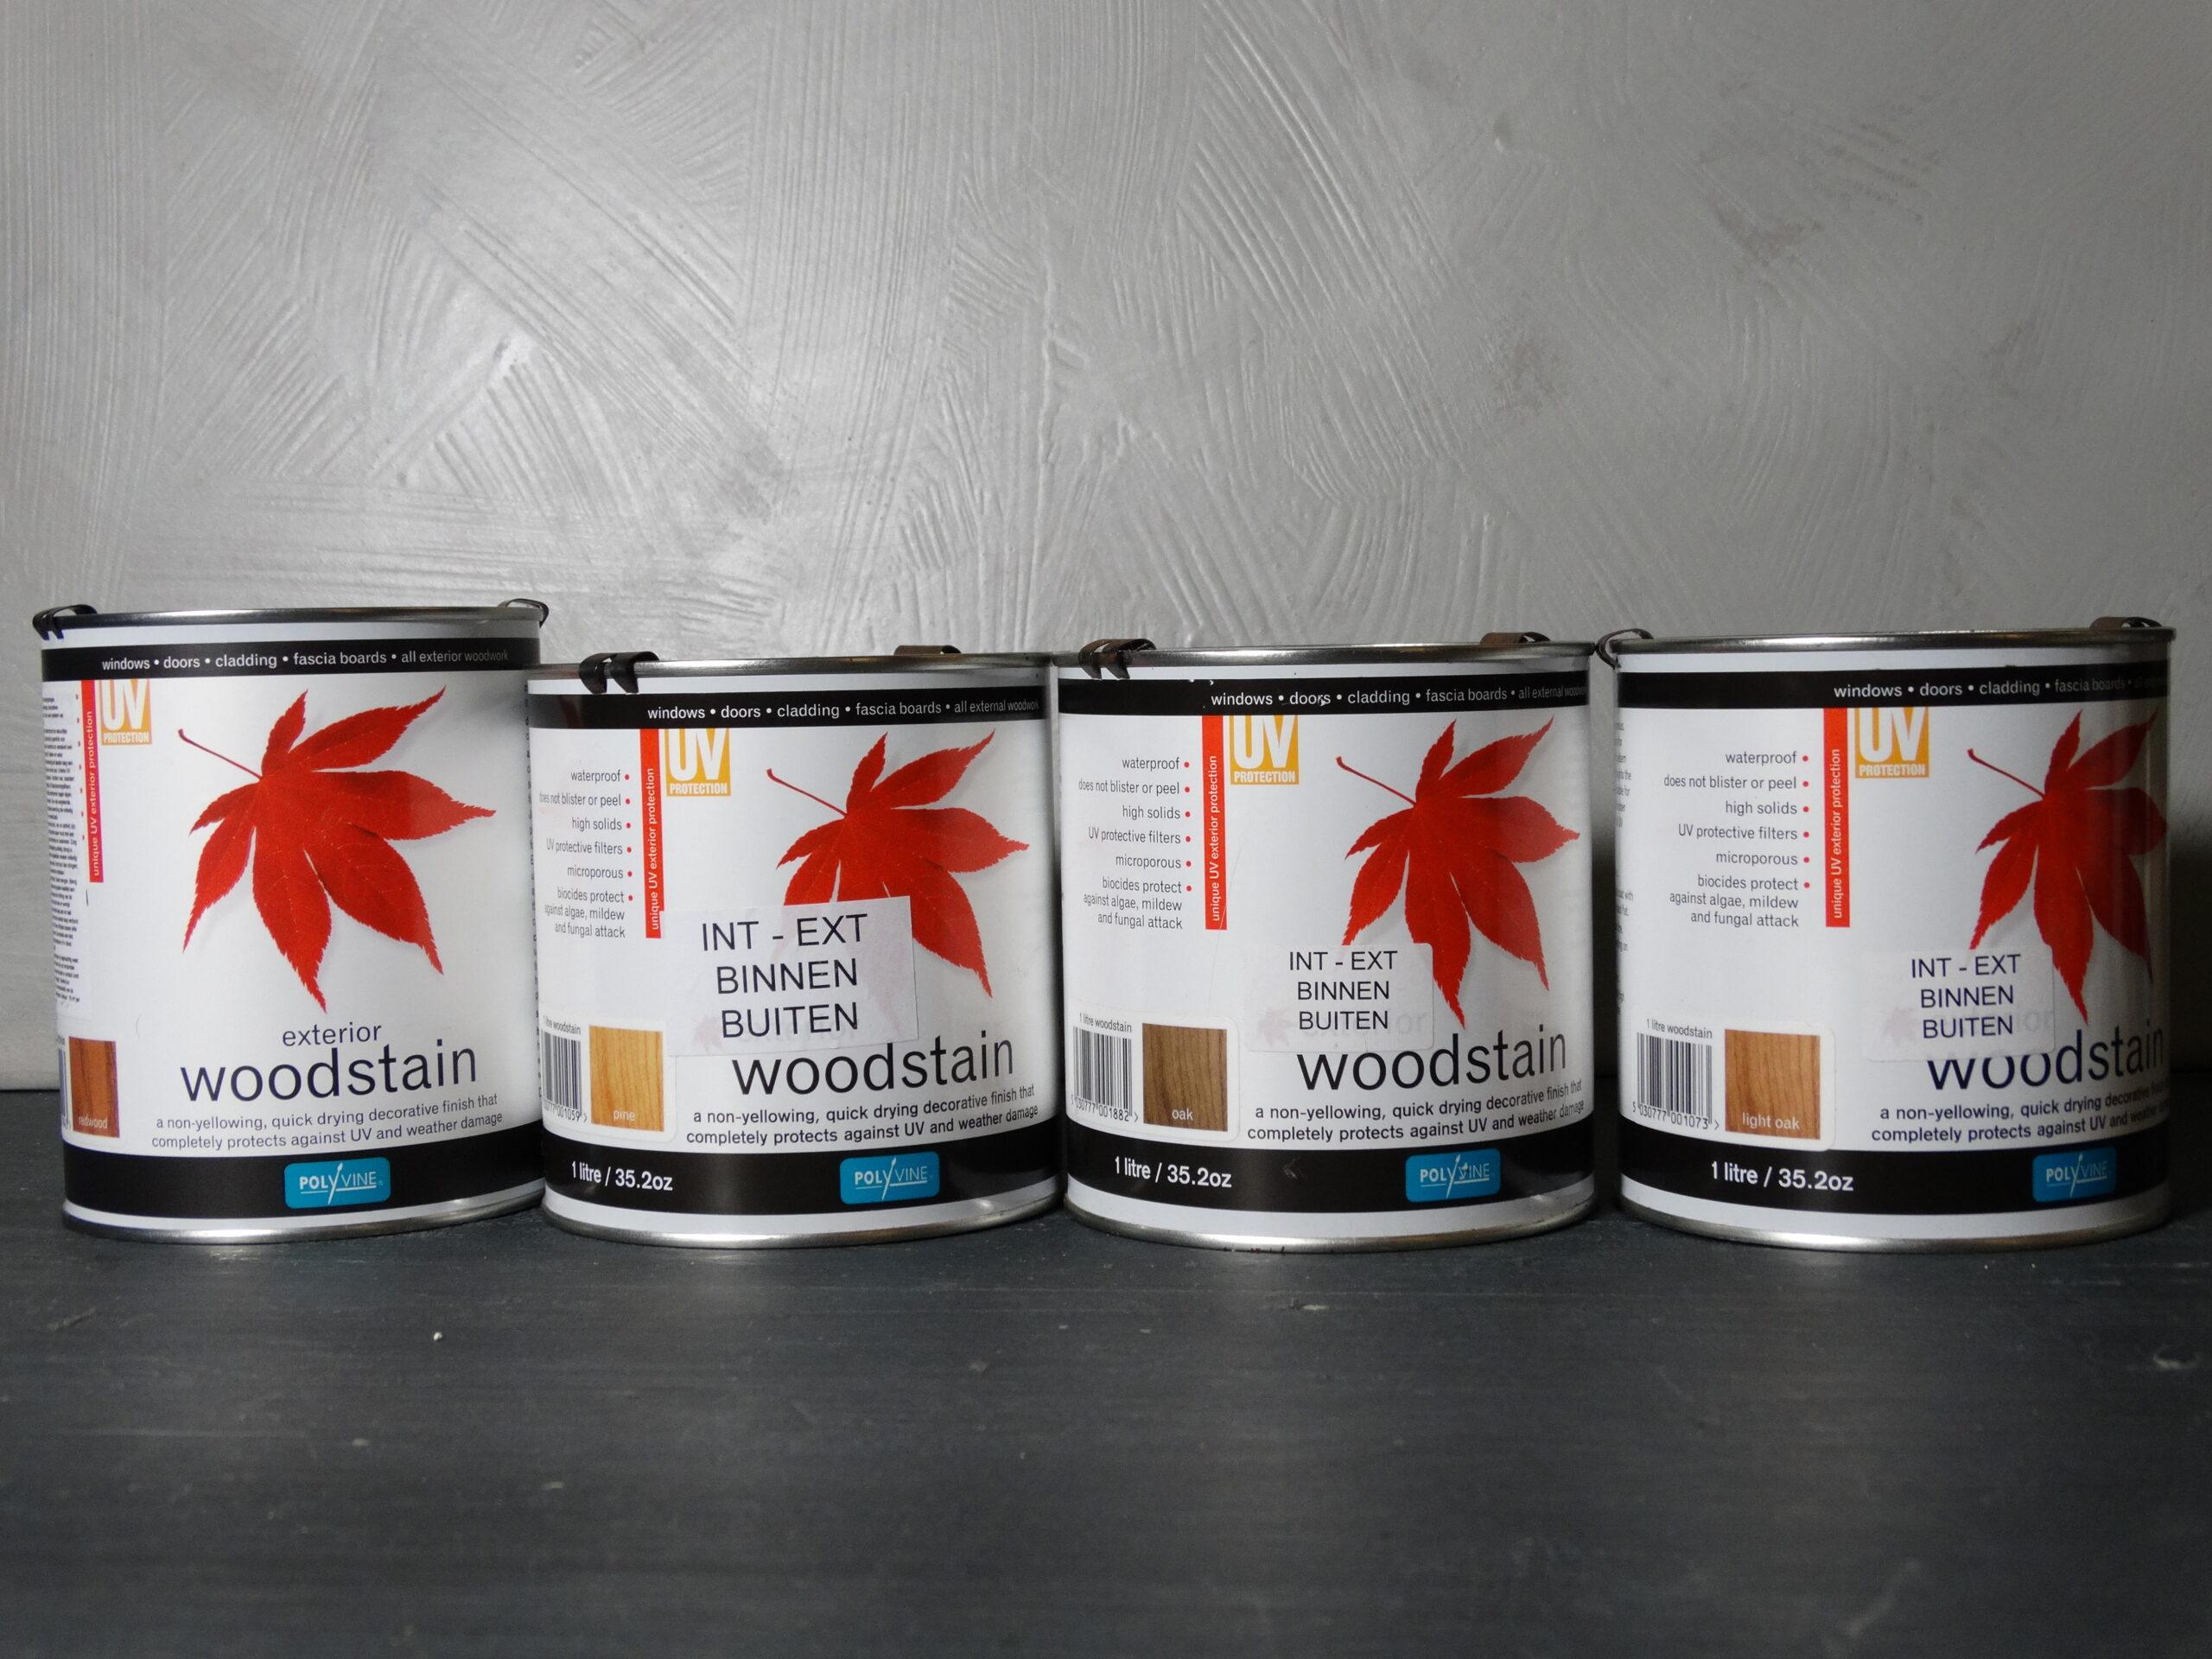 Woodstain